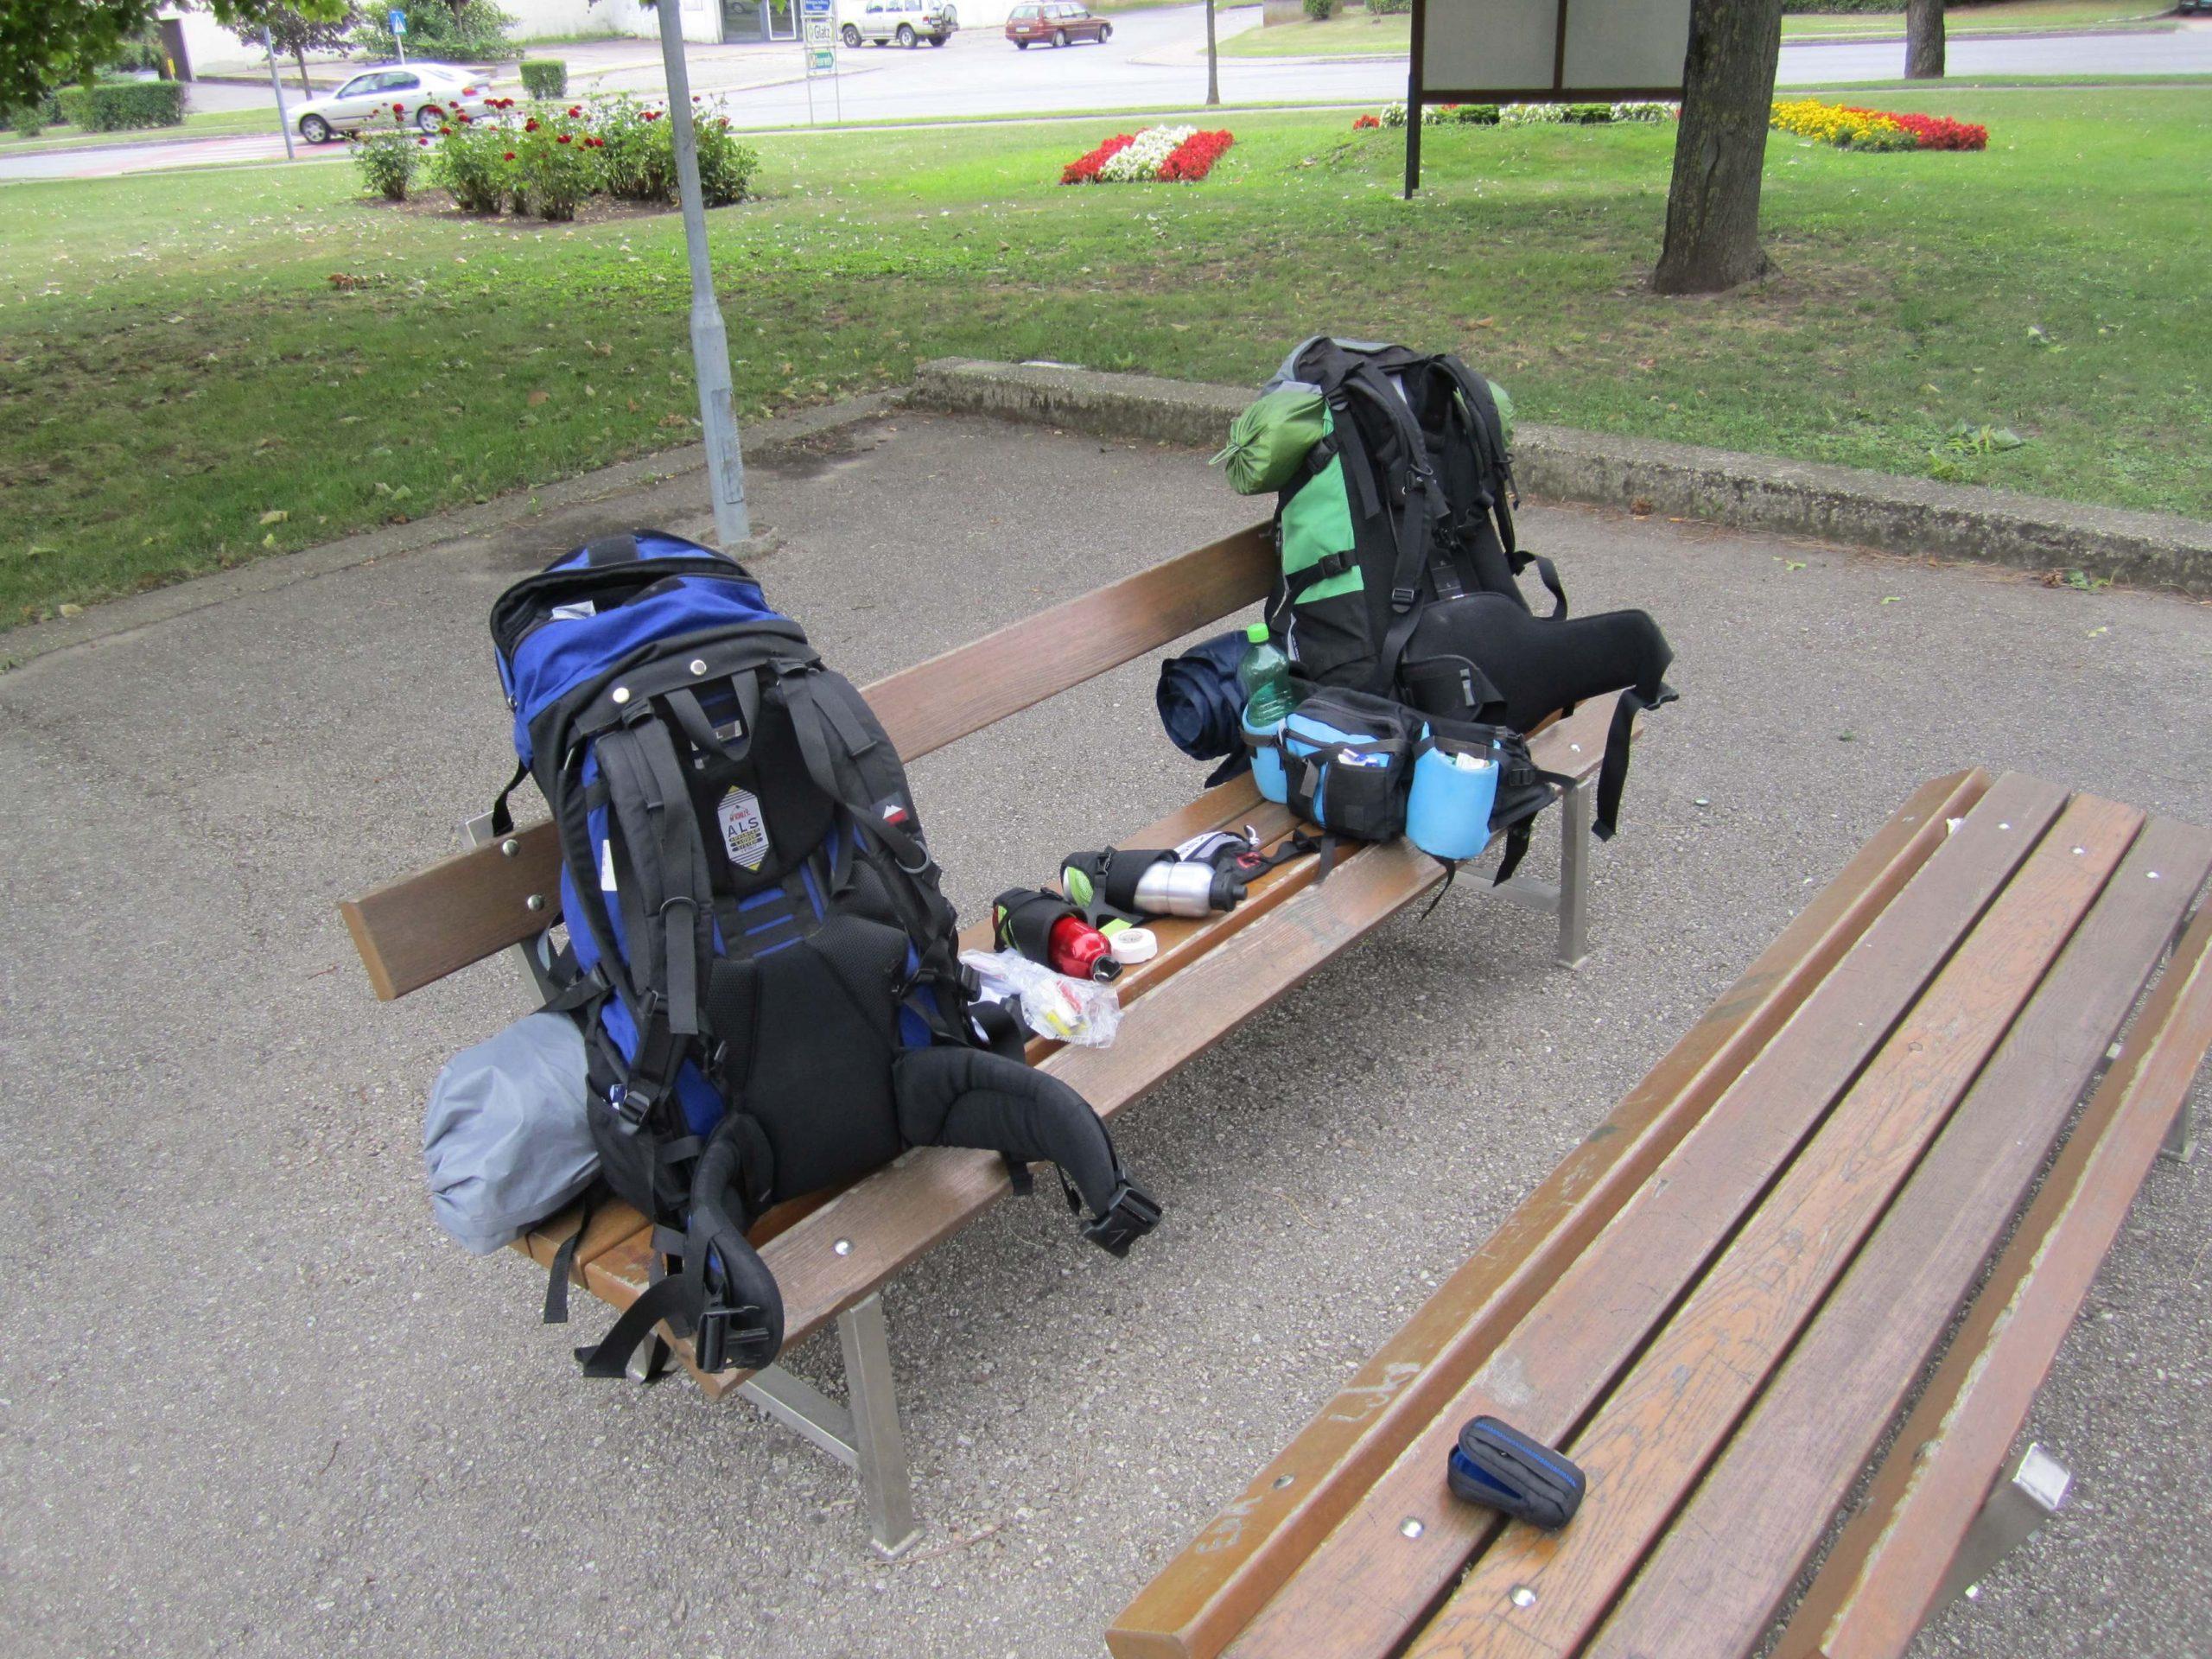 Meine erste Weitwanderung - Die Ausrüstung im Rucksack. Geborgt, zu schwer und klobig, nicht ideal.